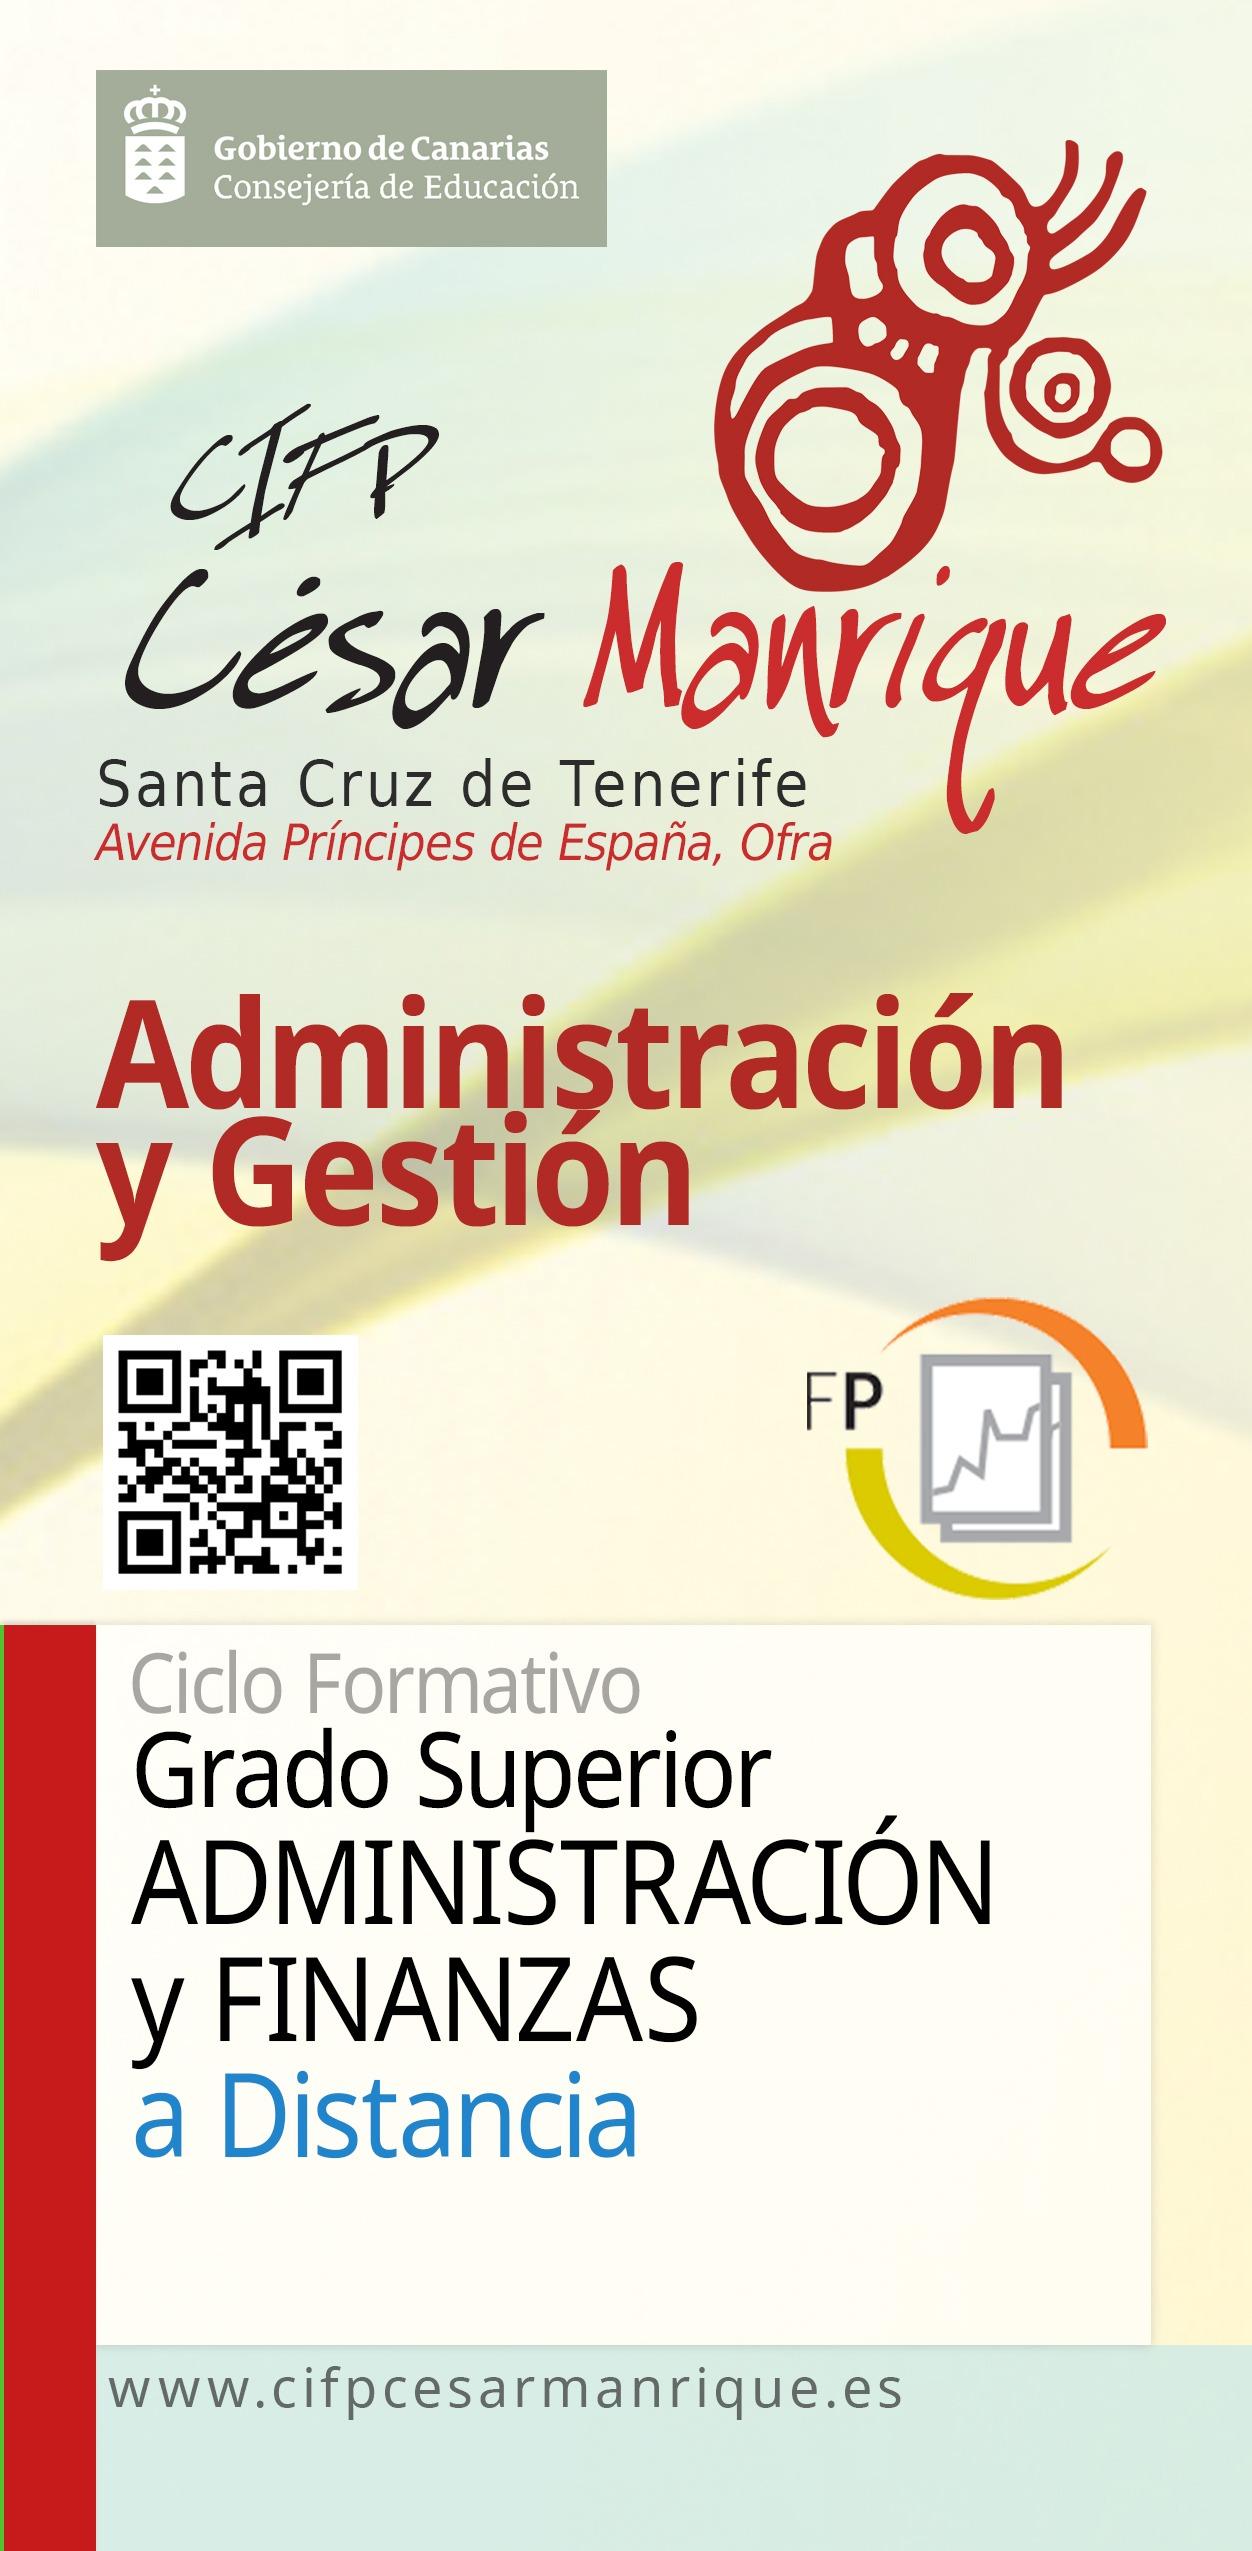 Grado Superior Administración y Finanzas Semiprencial